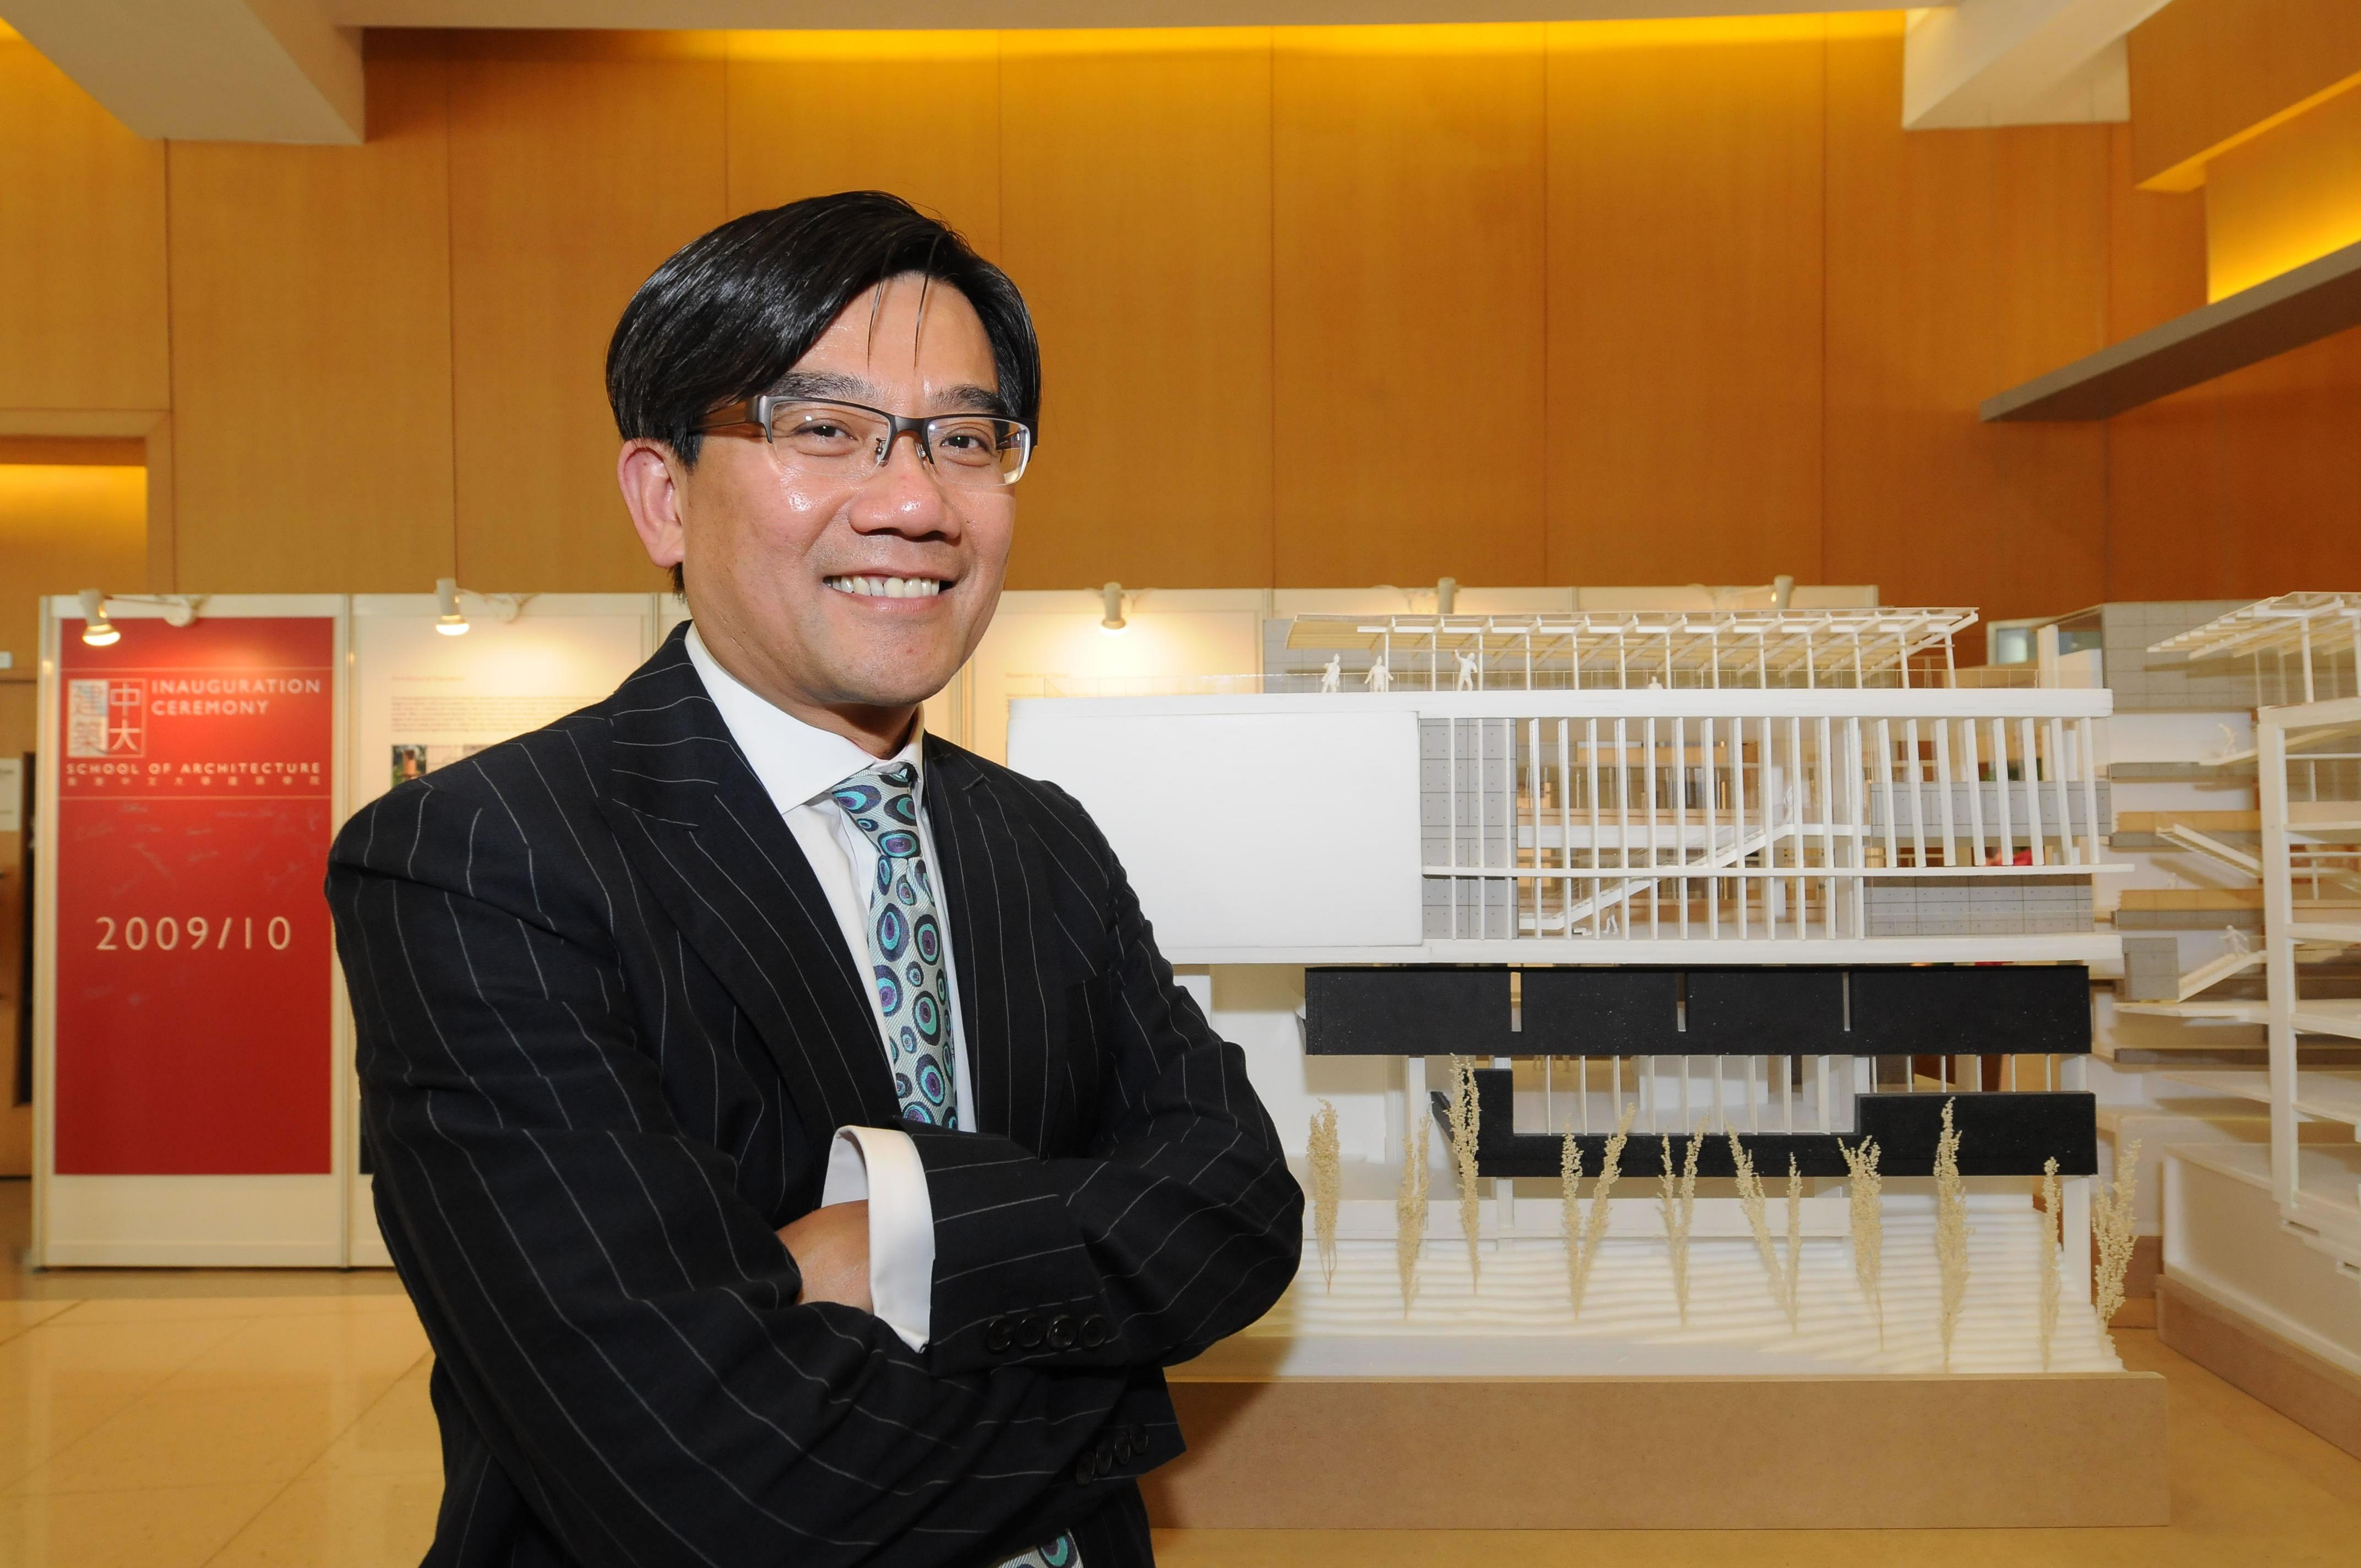 中大建築學院創院院長何培斌教授於新教學大樓模型前留影